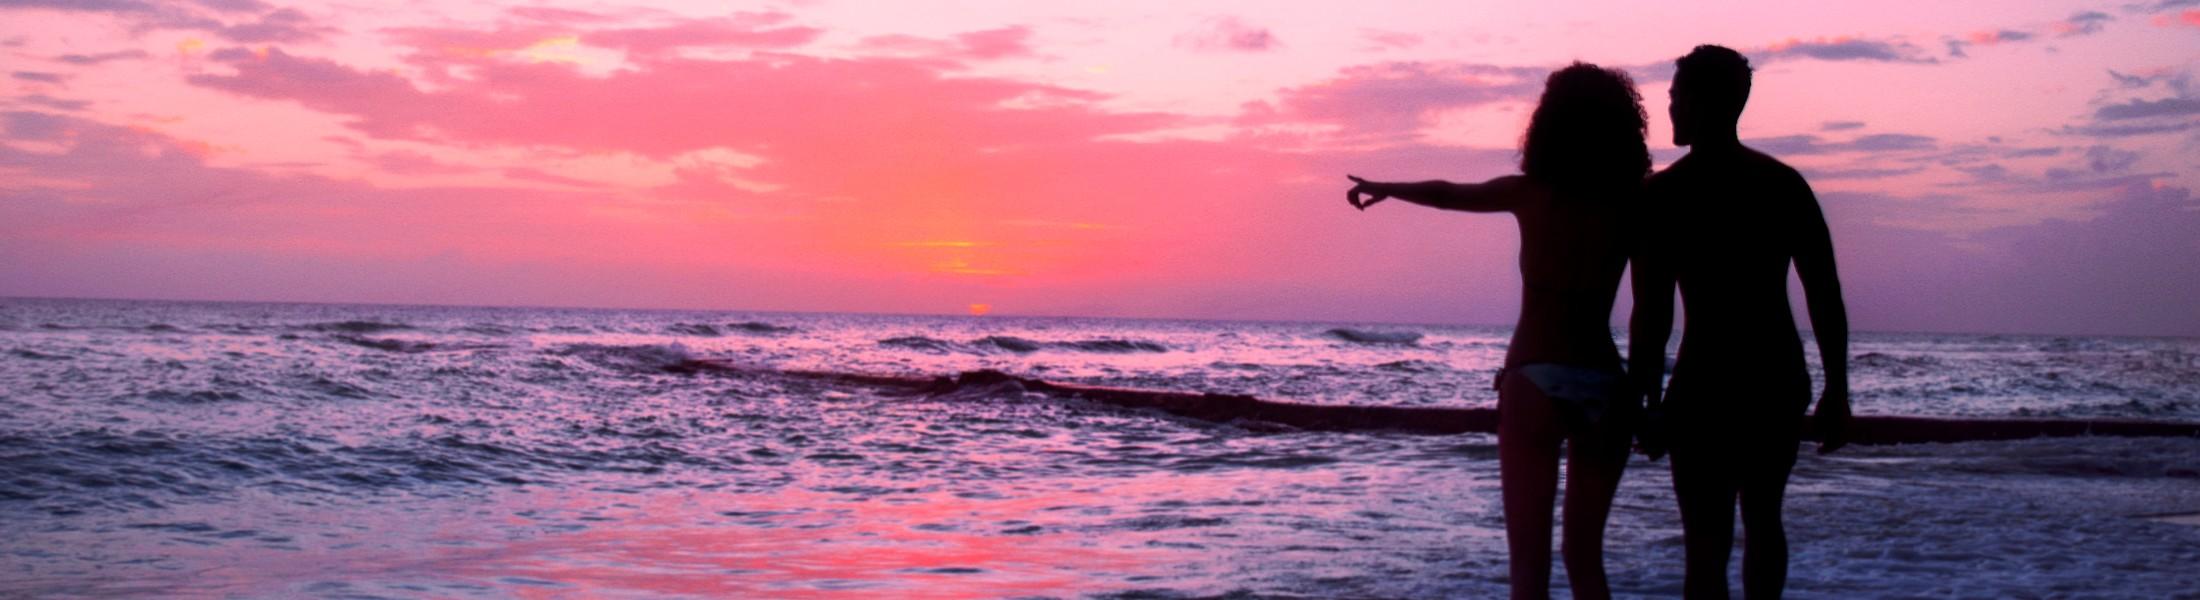 Couple on the beach at sunset at Sugar Bay Barbados